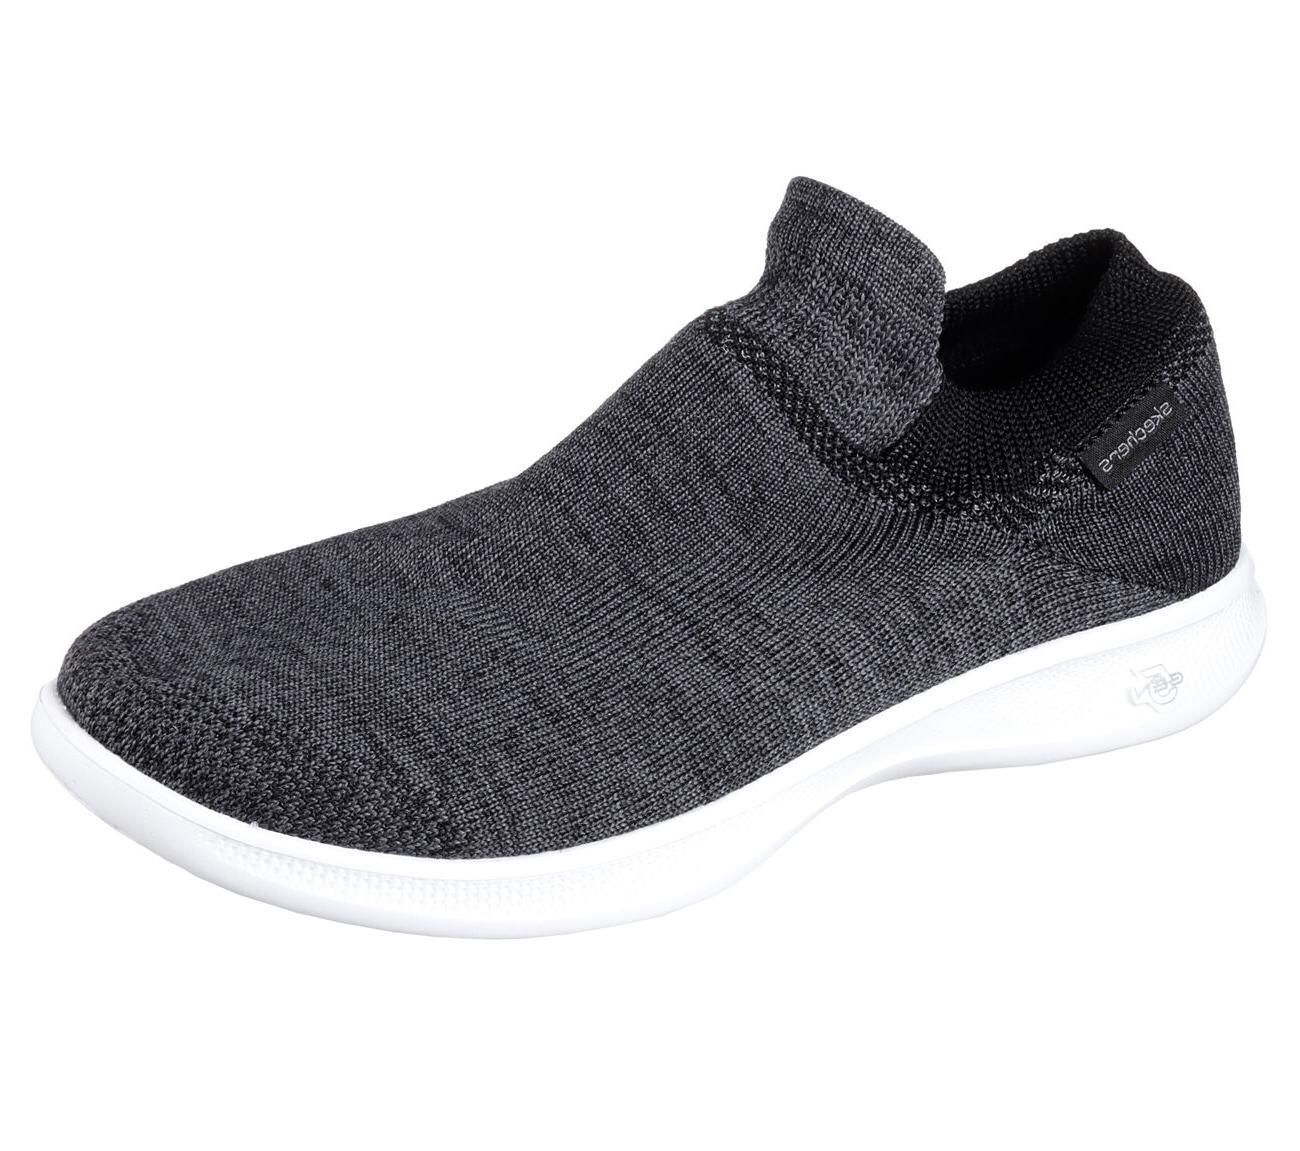 94c3eca5a80 14505 BKW Black Skechers shoe Go Step Lite Women Sport Slipo